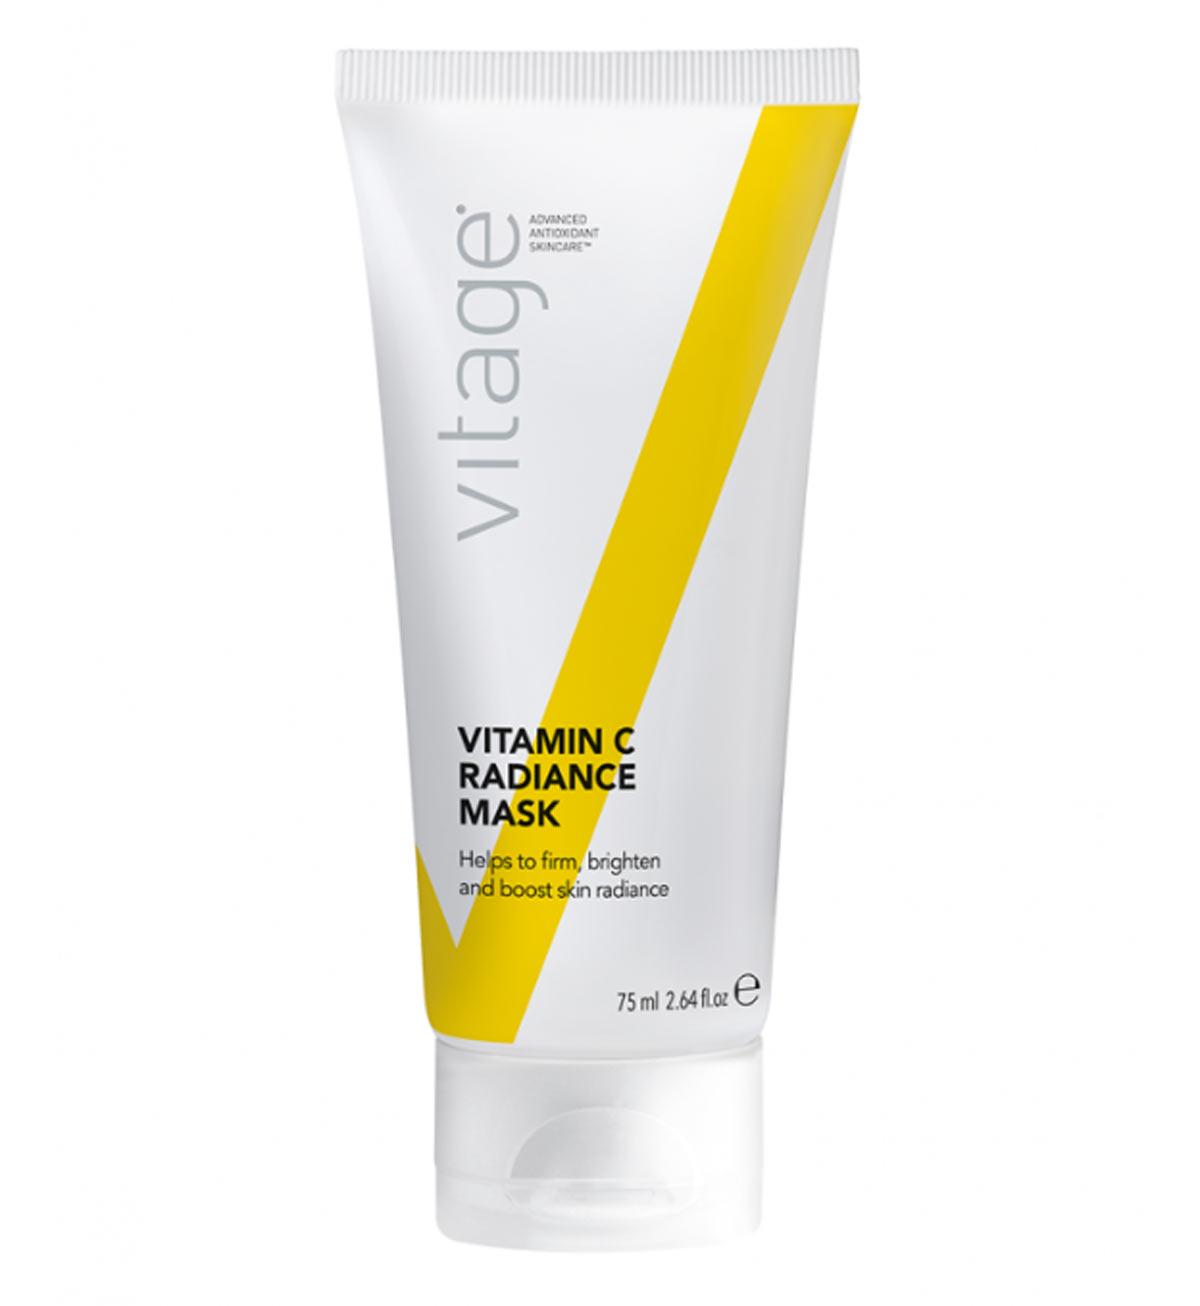 VITAGE Vitamin C Radiance Mask, £22